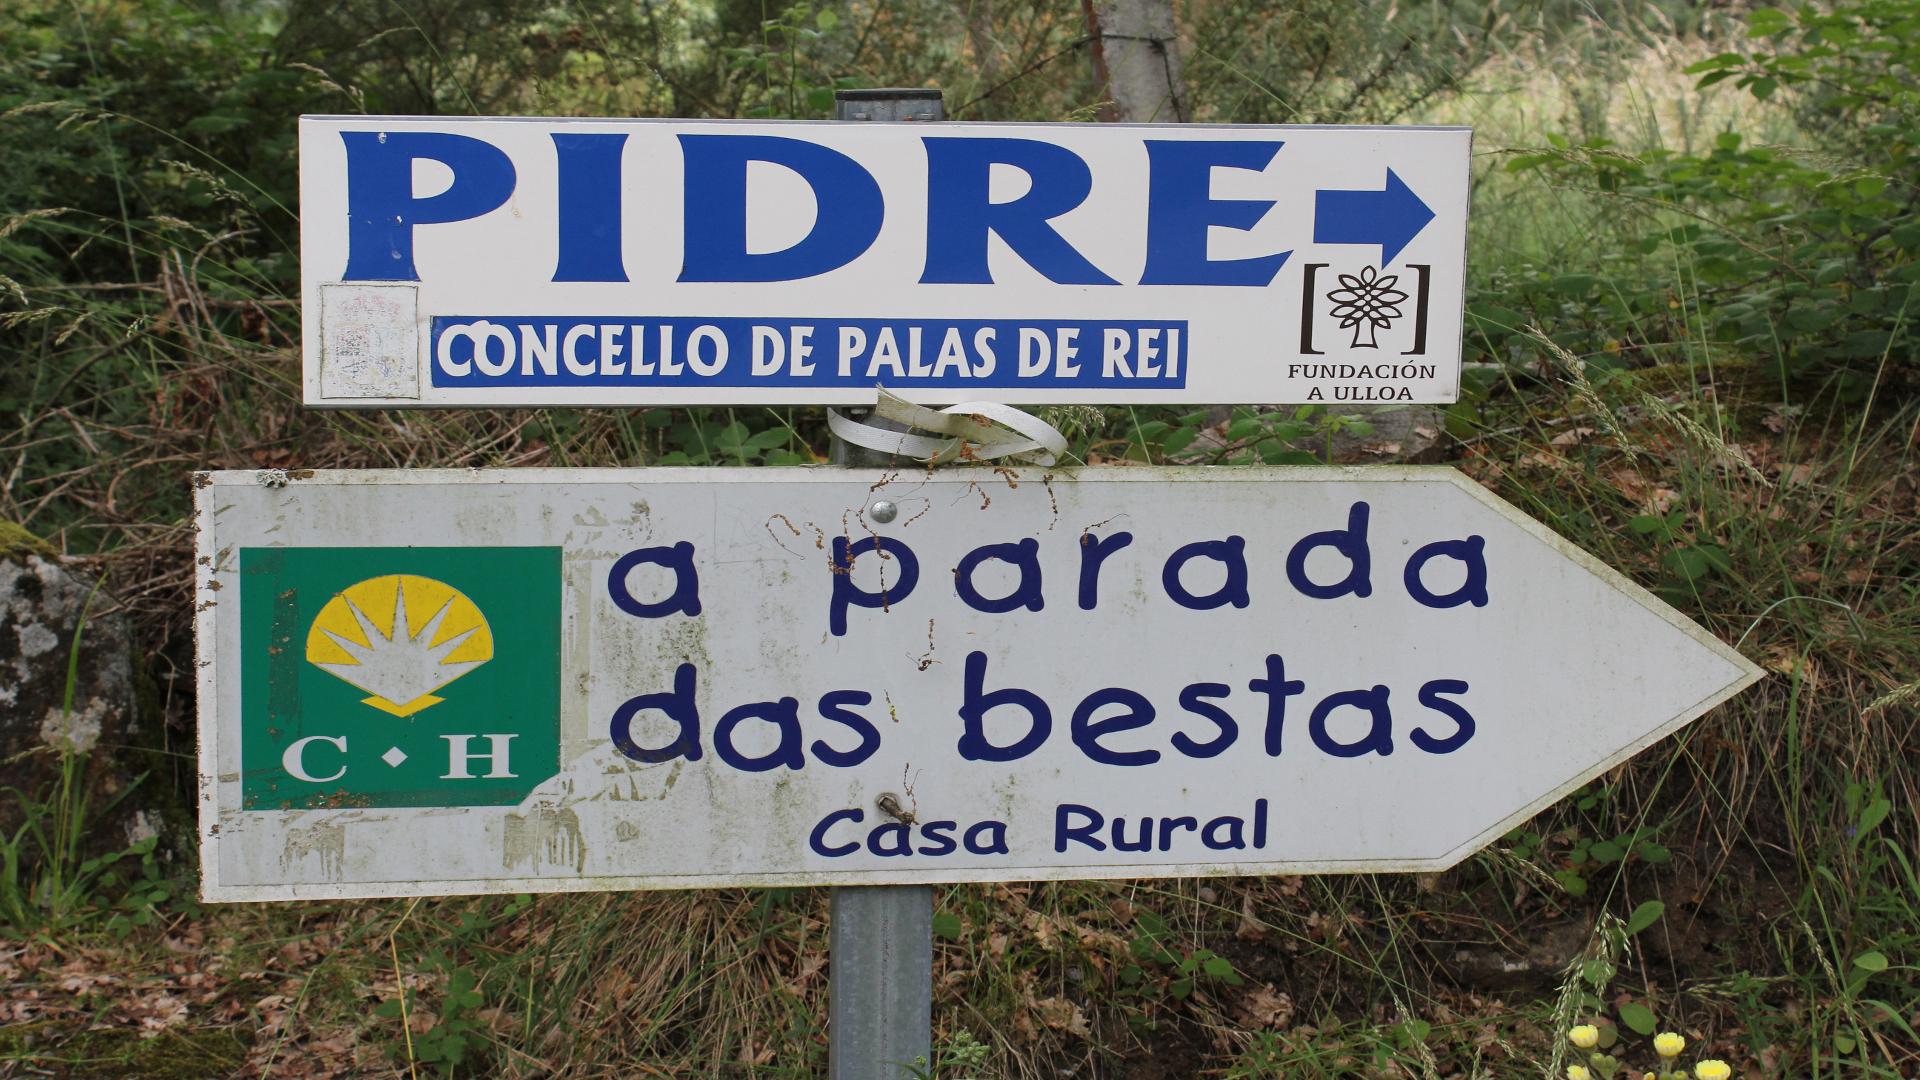 A Parada das Bestas quiere beneficiar a los ganaderos y agricultores de la comarca.1920